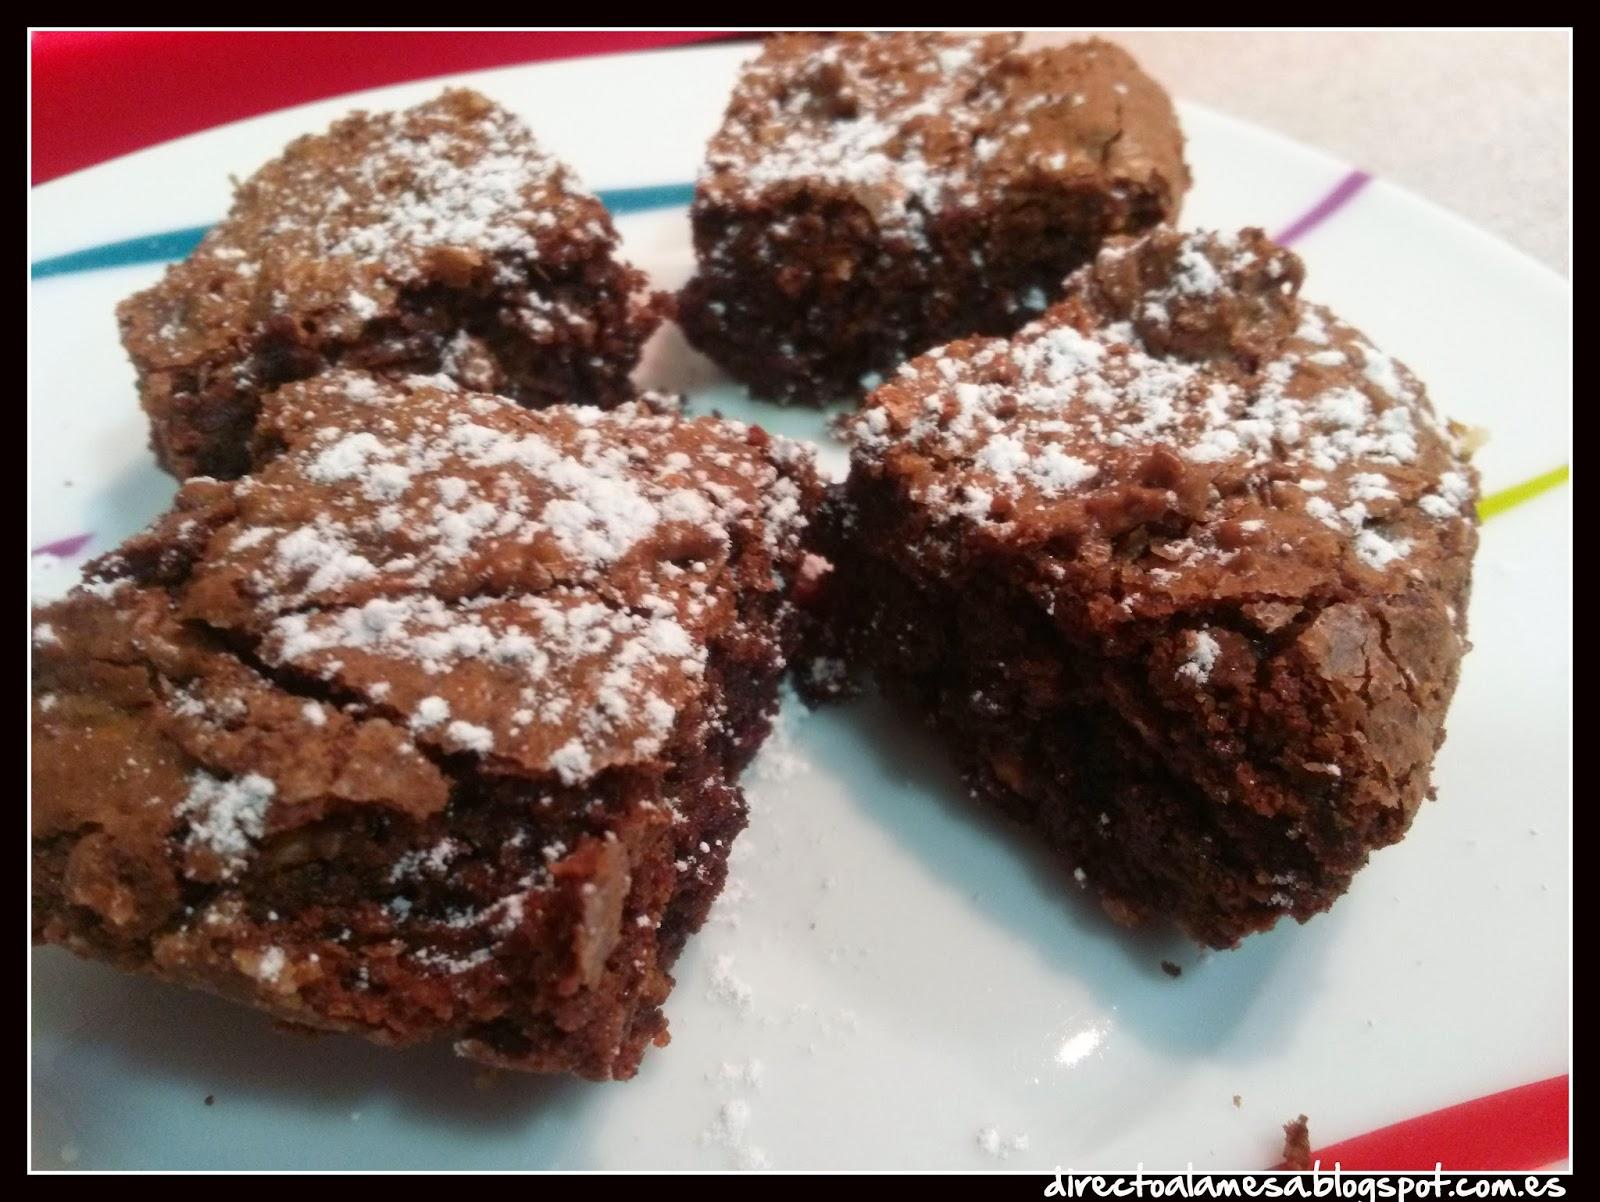 http://directoalamesa.blogspot.com.es/2014/02/brownie-de-chocolate-y-nueces.html